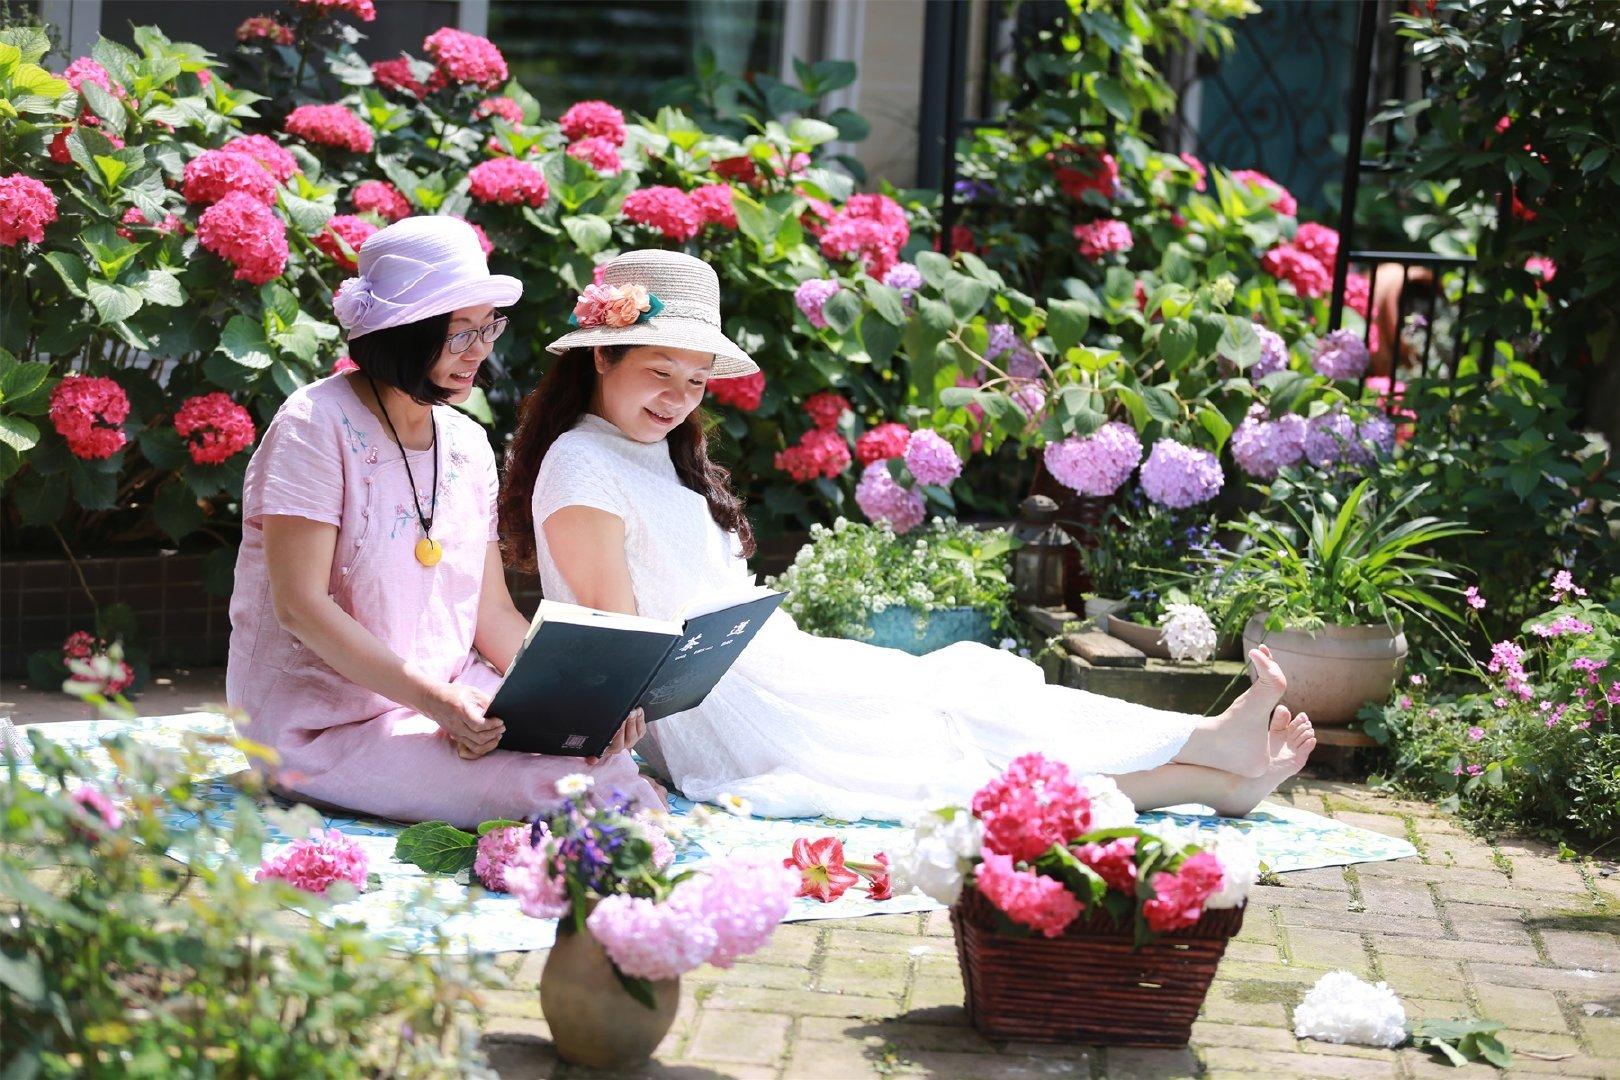 Khu vườn quanh năm chỉ có mùa xuân với hoa nở tưng bừng của cô giáo dạy Toán-2